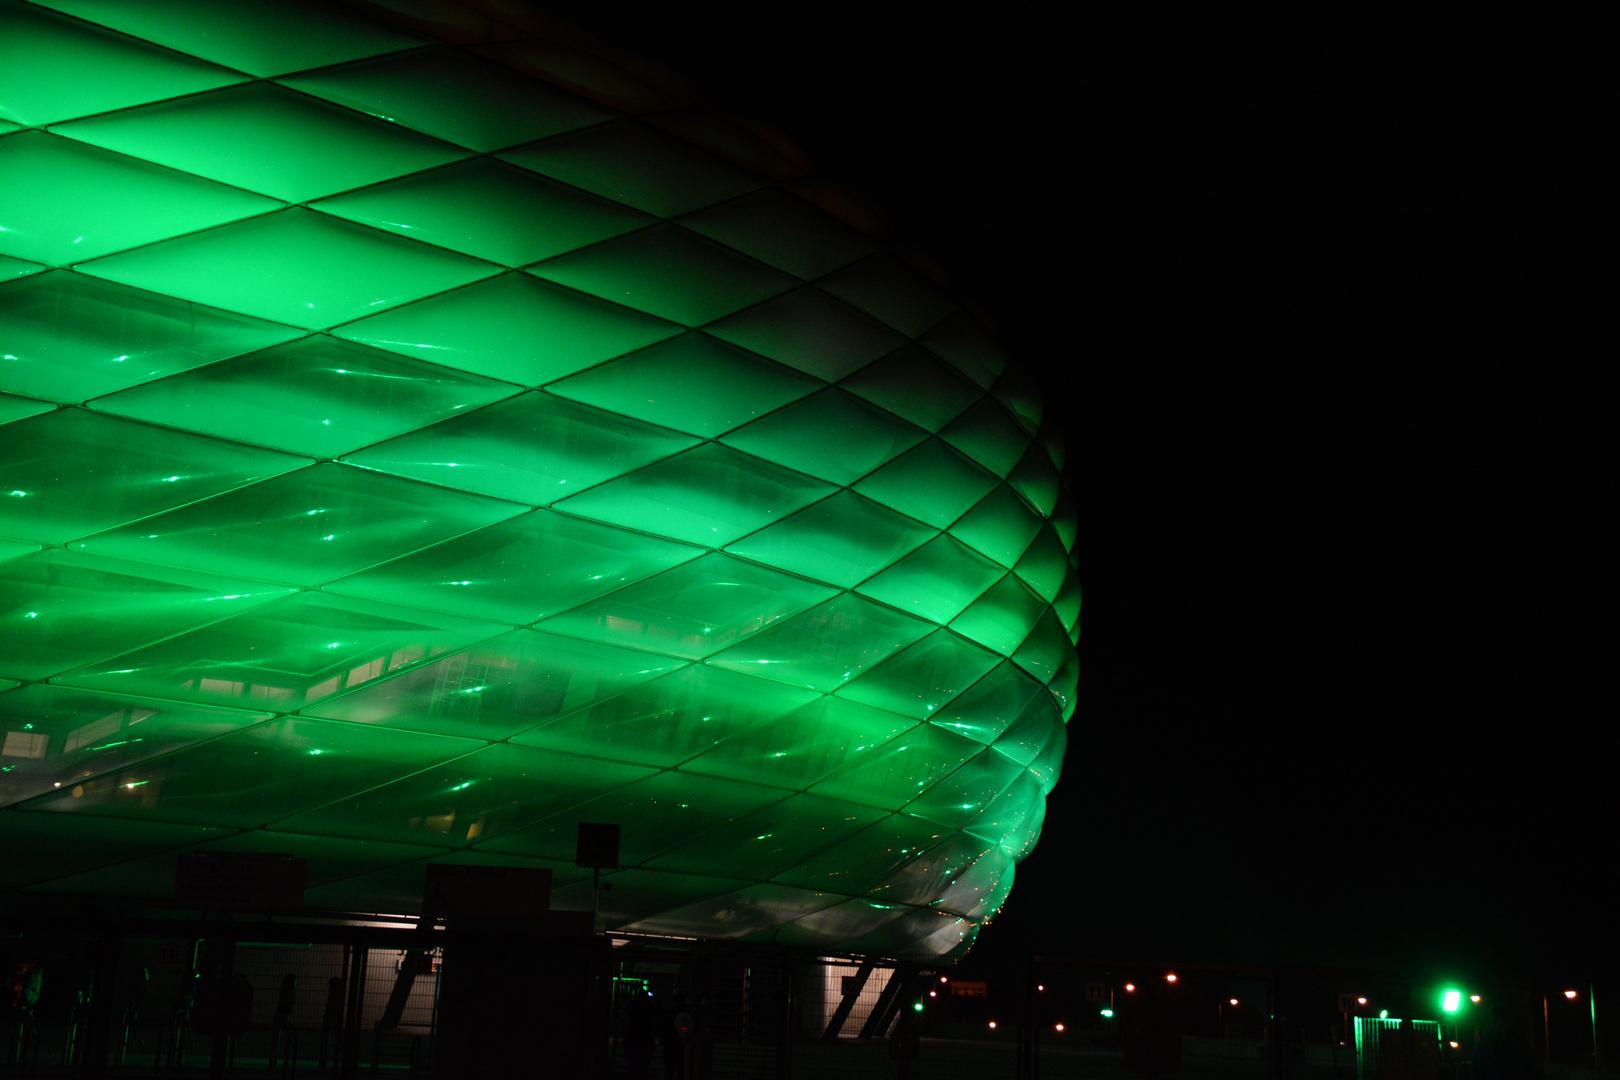 Allianz Arena - heute in Grün